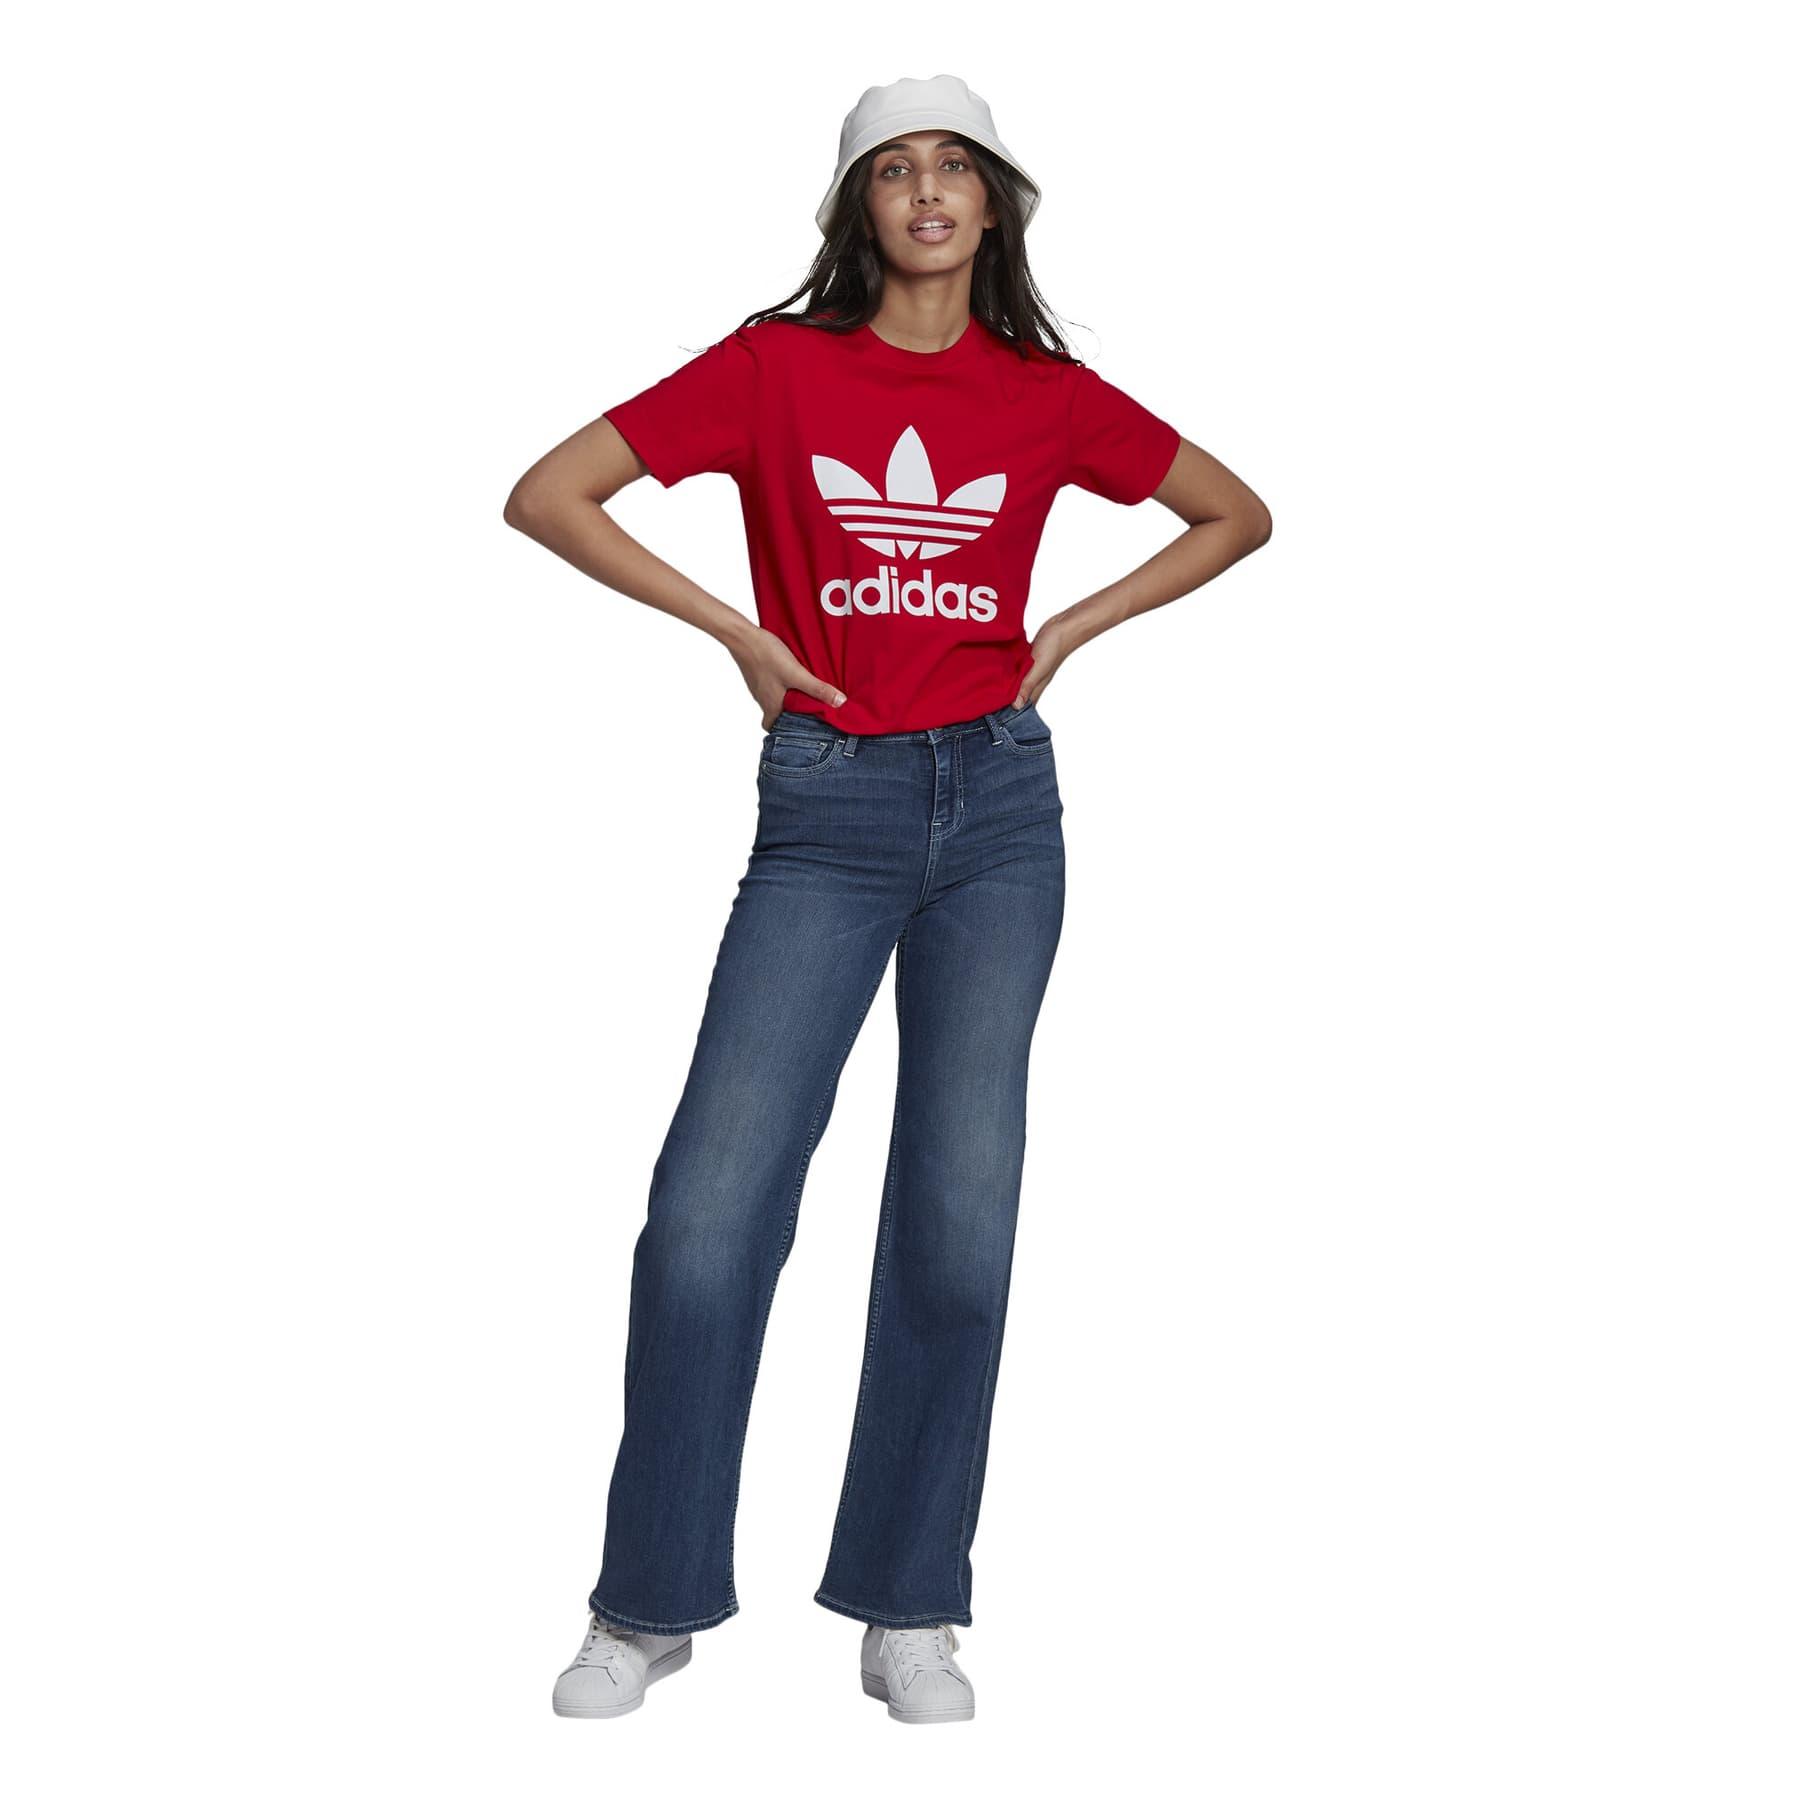 Adicolor Classics Trefoil Kadın Kırmızı Tişört (GN2902)